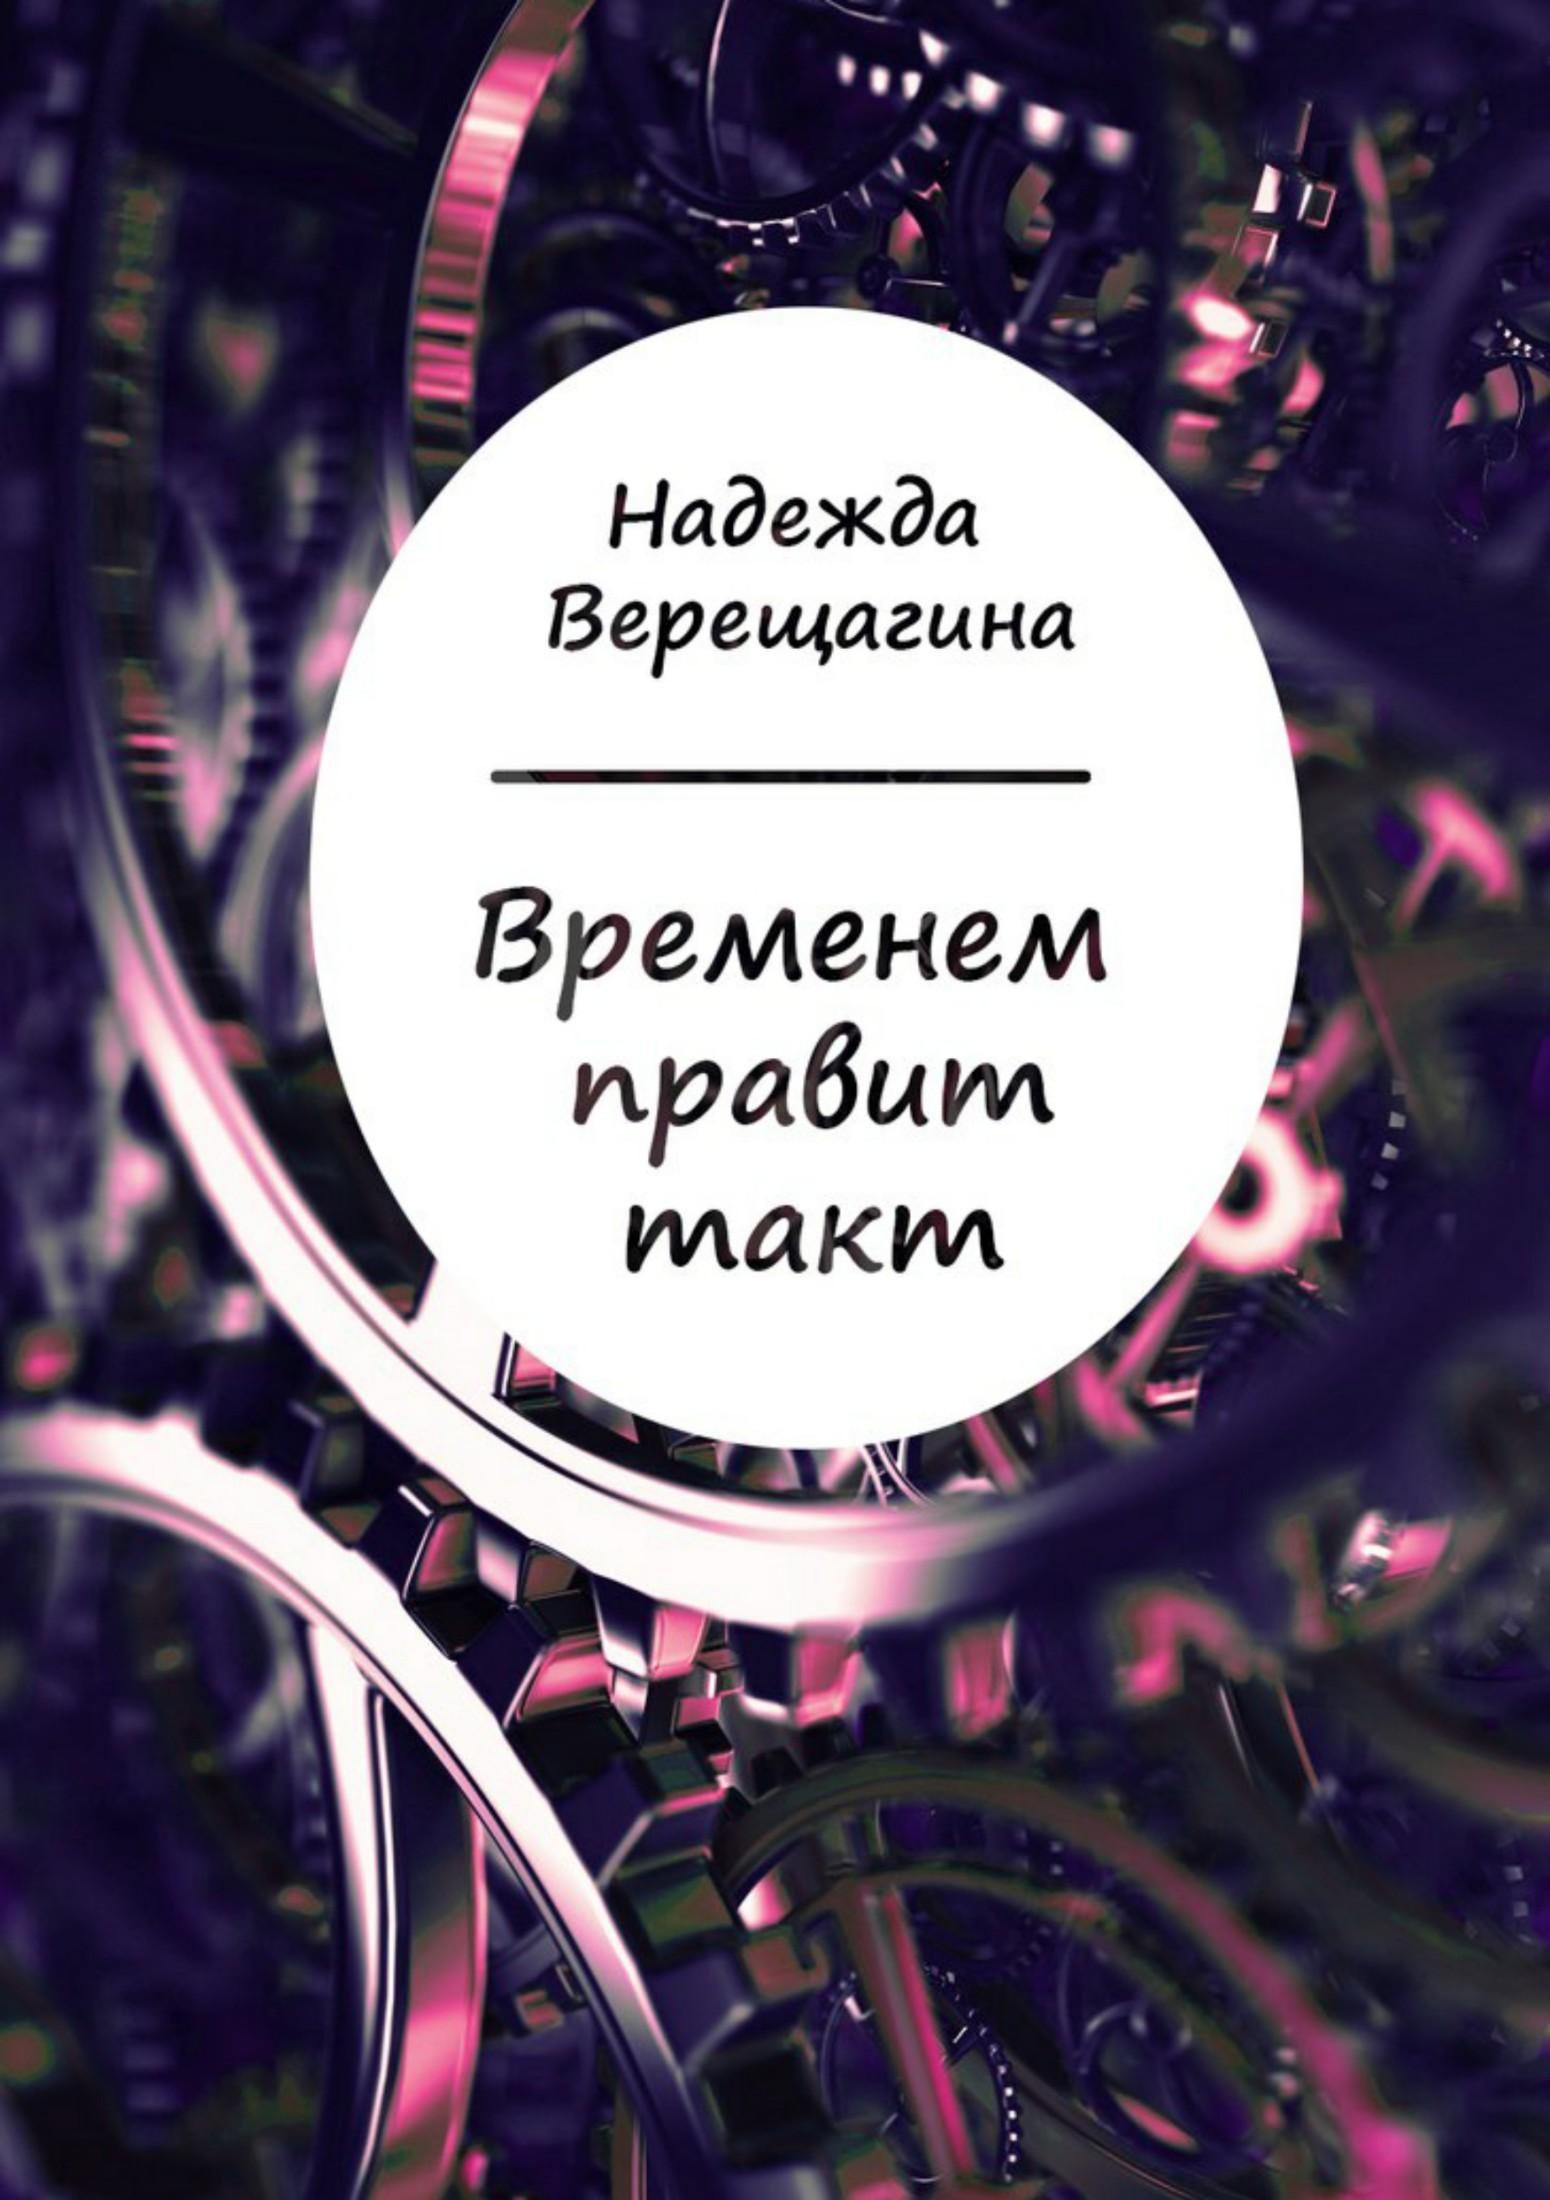 Надежда Верещагина Временем правит такт. Сборник стихотворений художественный историзм лирики поэтов пушкинской поры монография